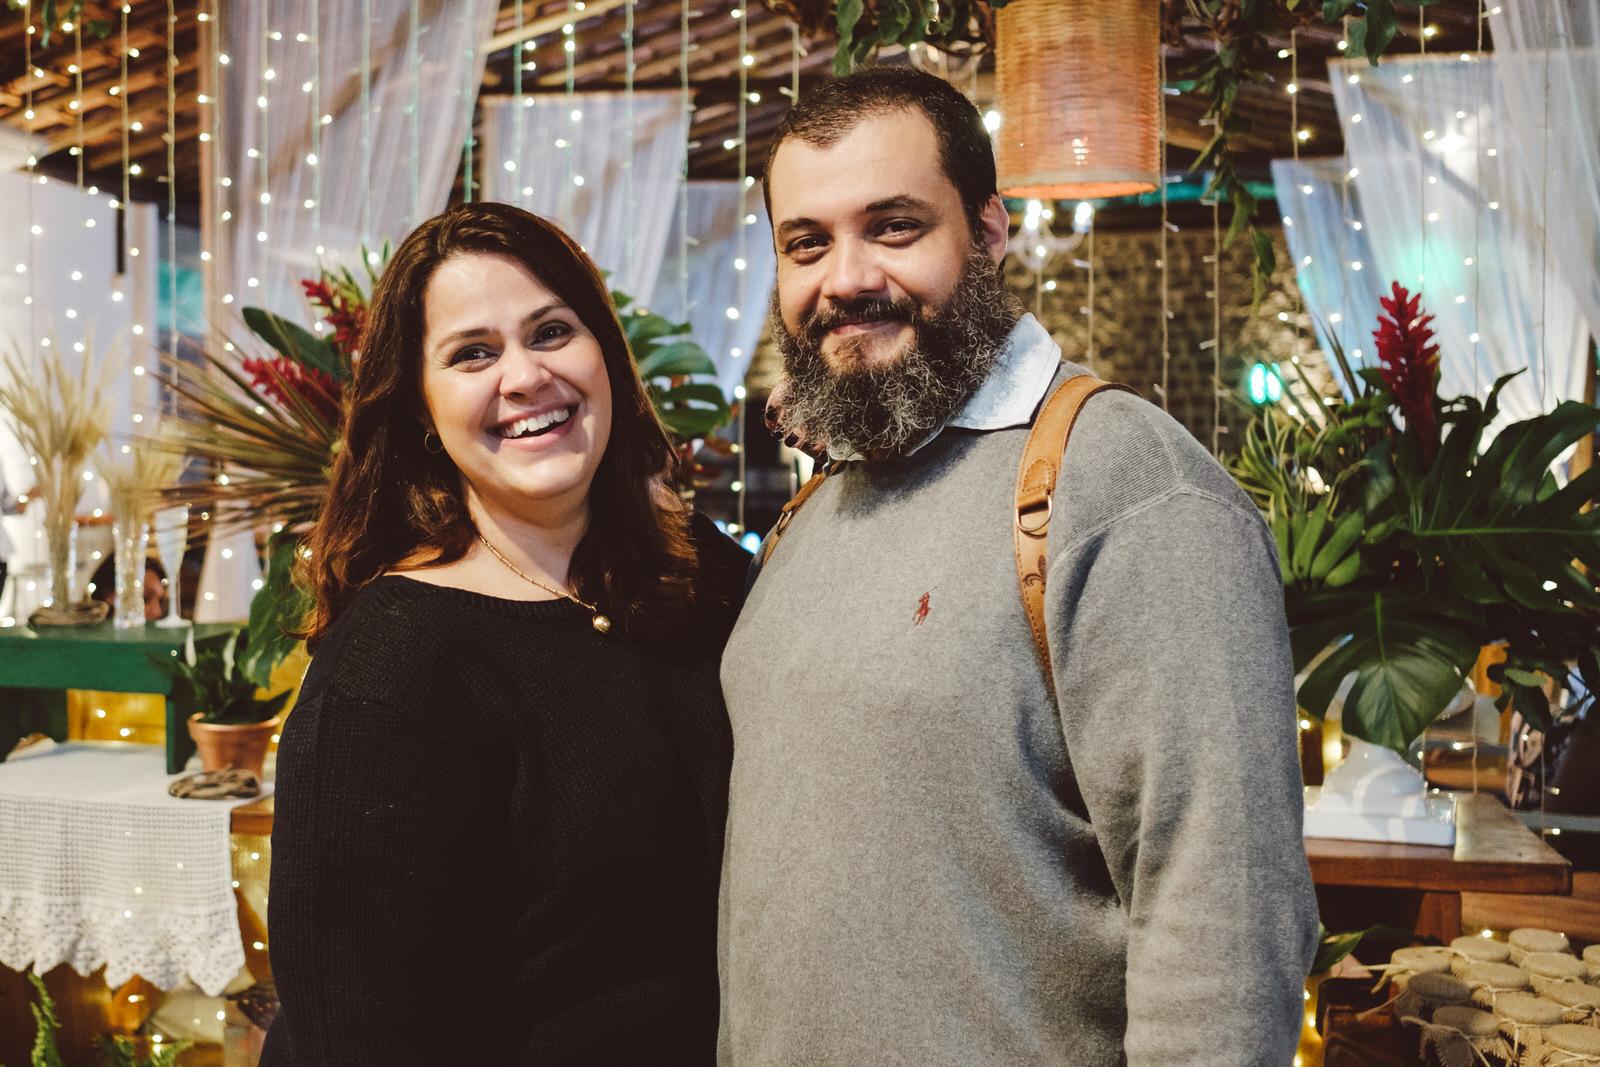 Sobre Foto Certa - Fotografia de casamento, família e ensaios.